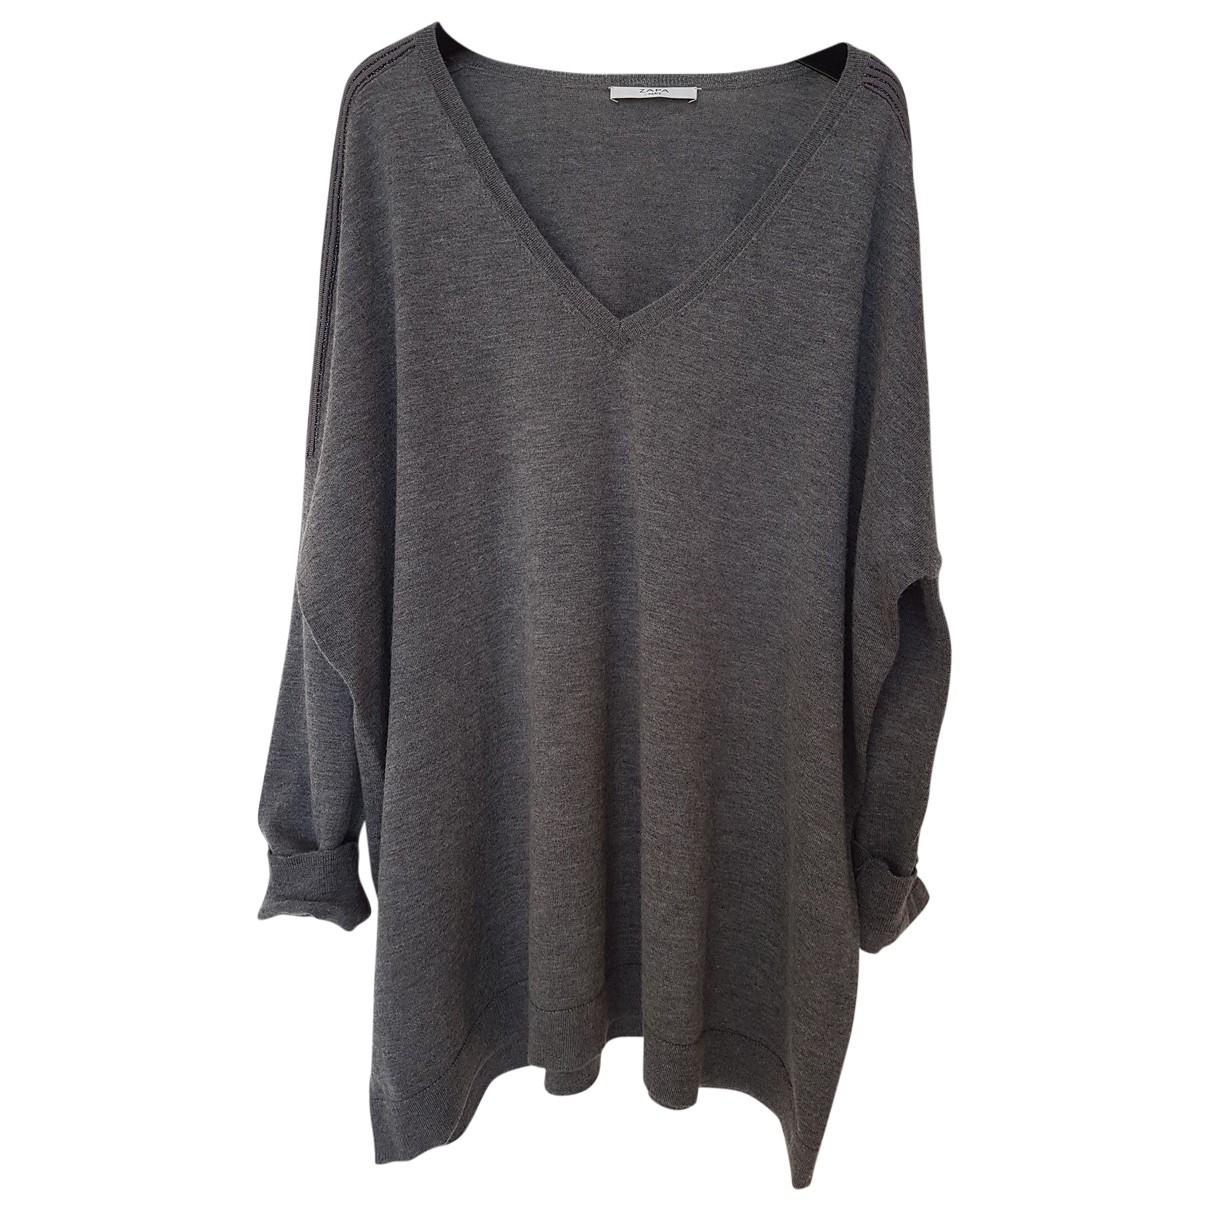 Zapa \N Grey Wool Knitwear for Women One Size International